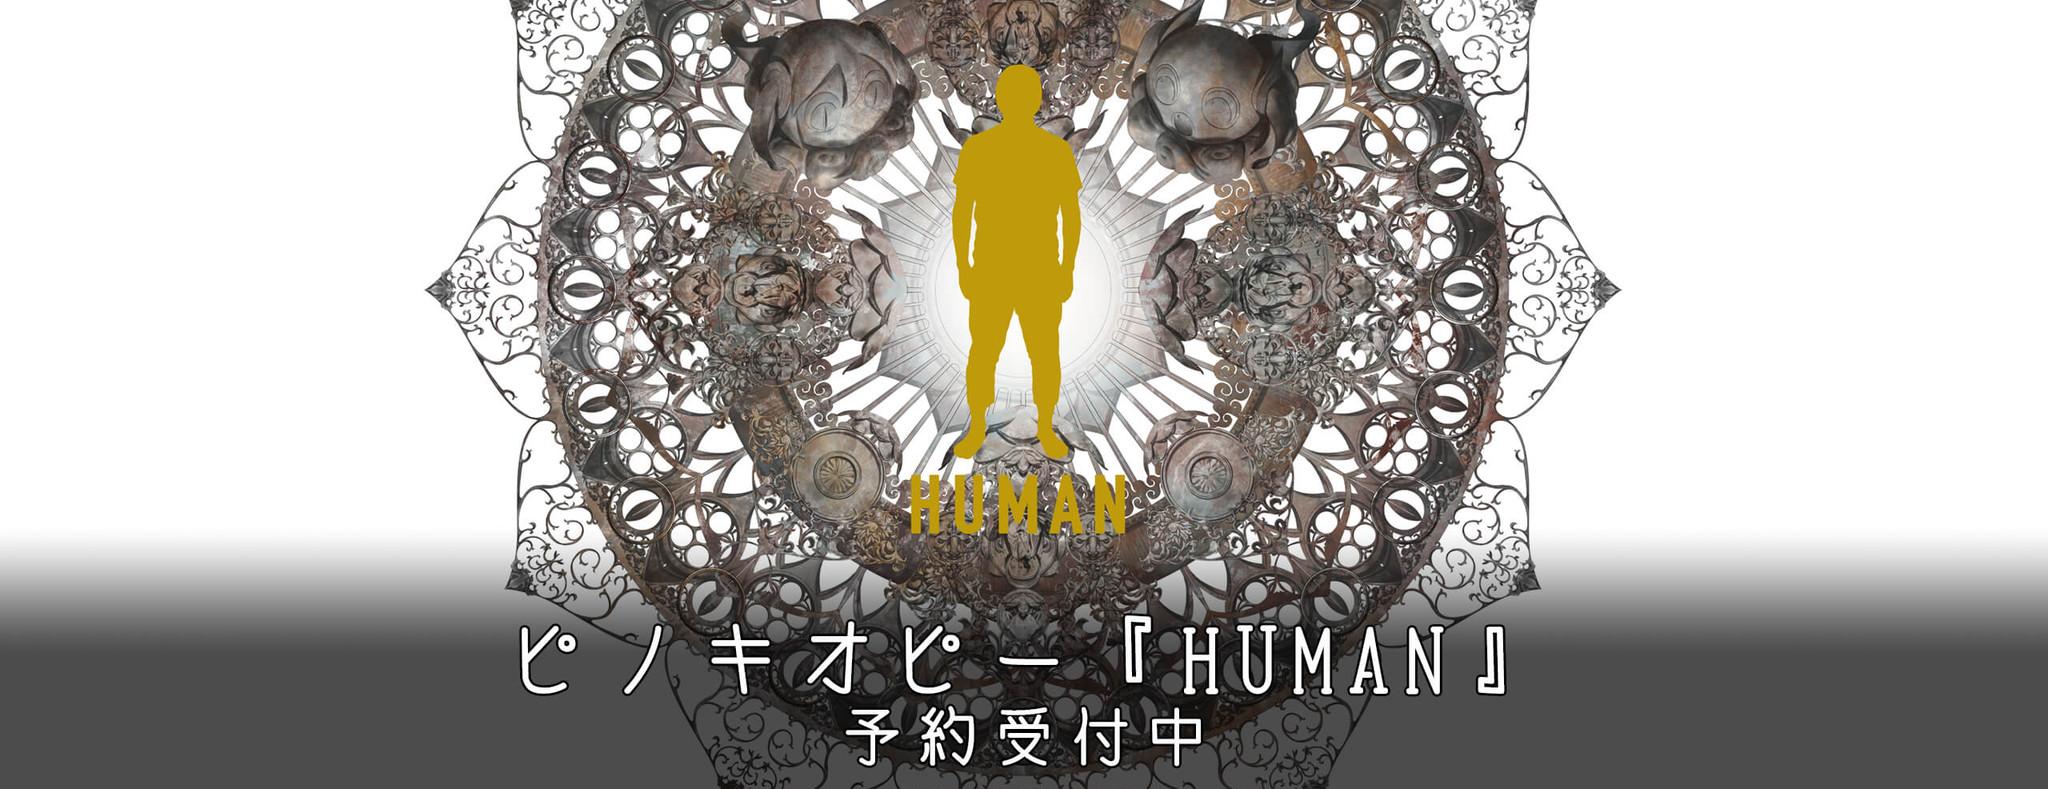 【11/23リリース】ピノキオピー『HUMAN』ご予約受付中!